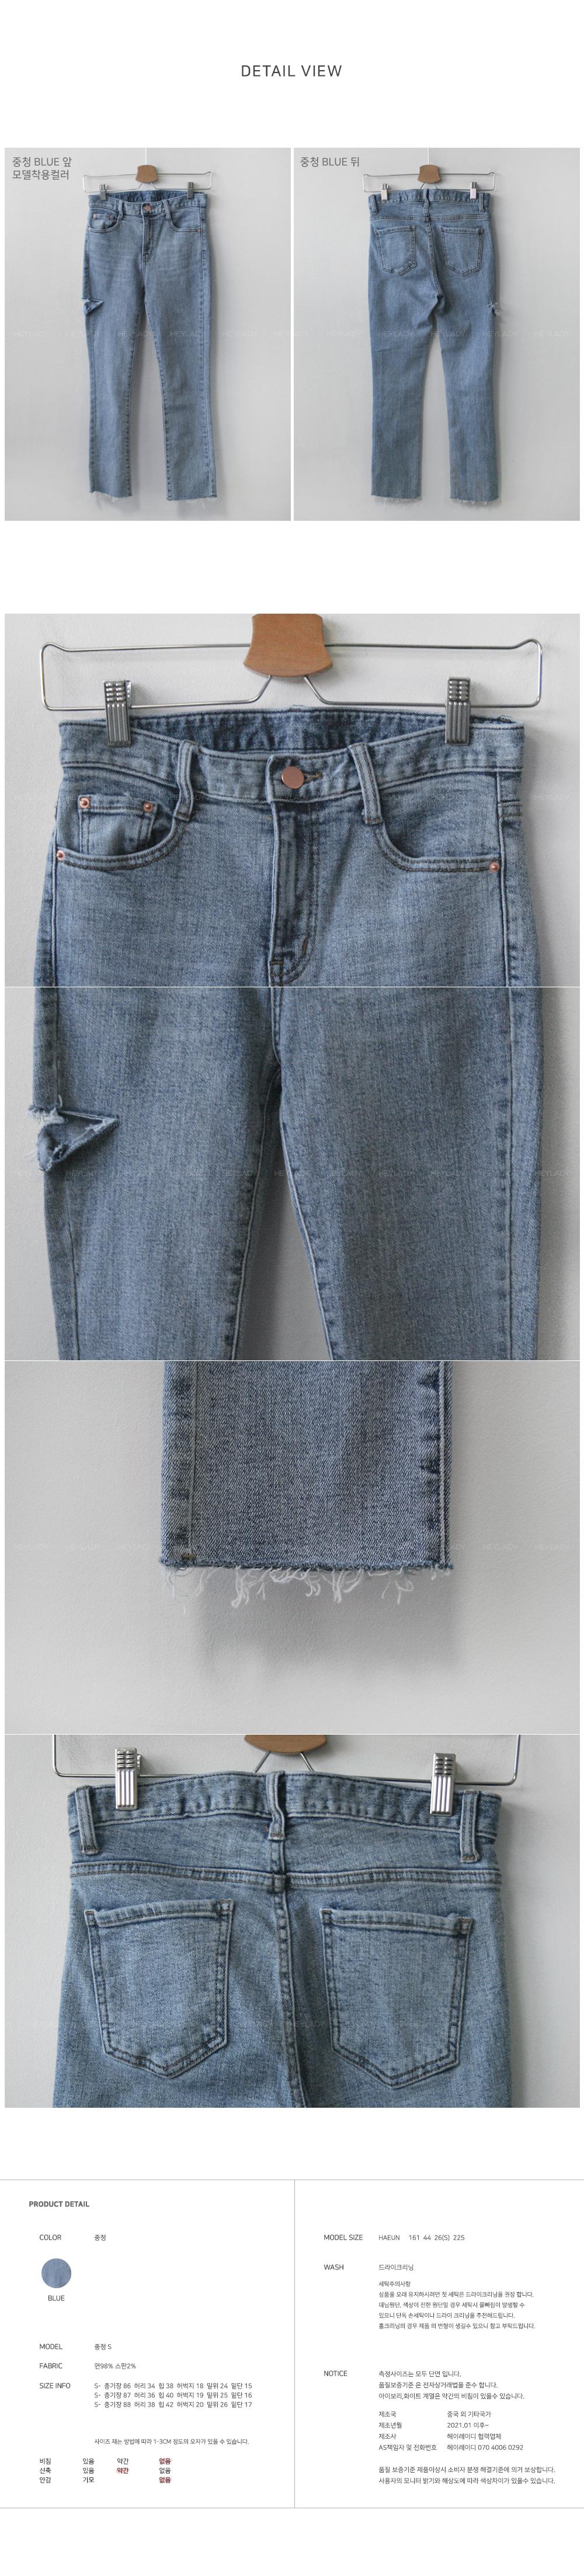 Vipe split denim pants